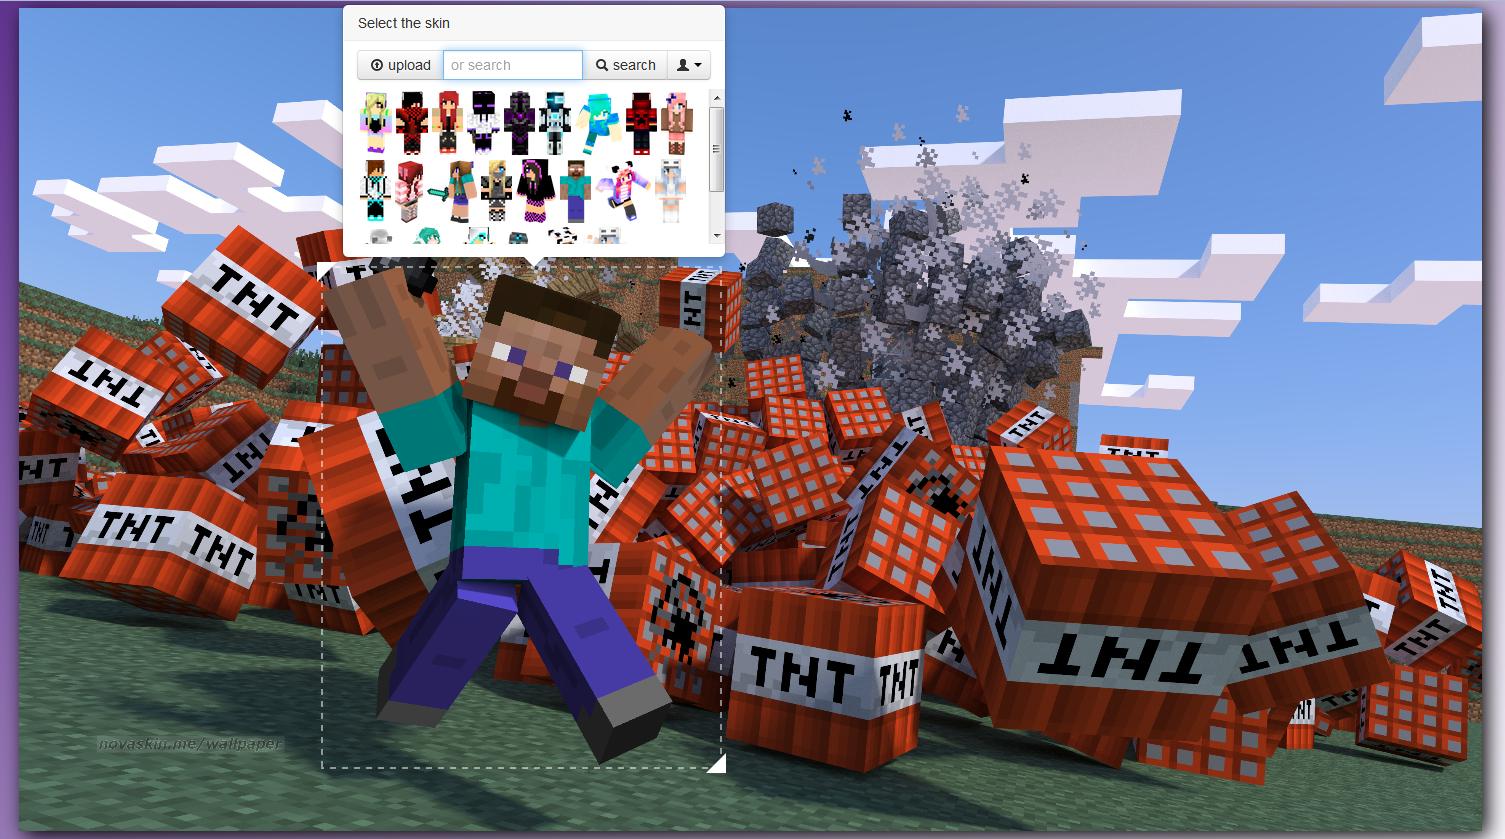 Wallpaper Minecraft Personnalisable Devenez Un Héros